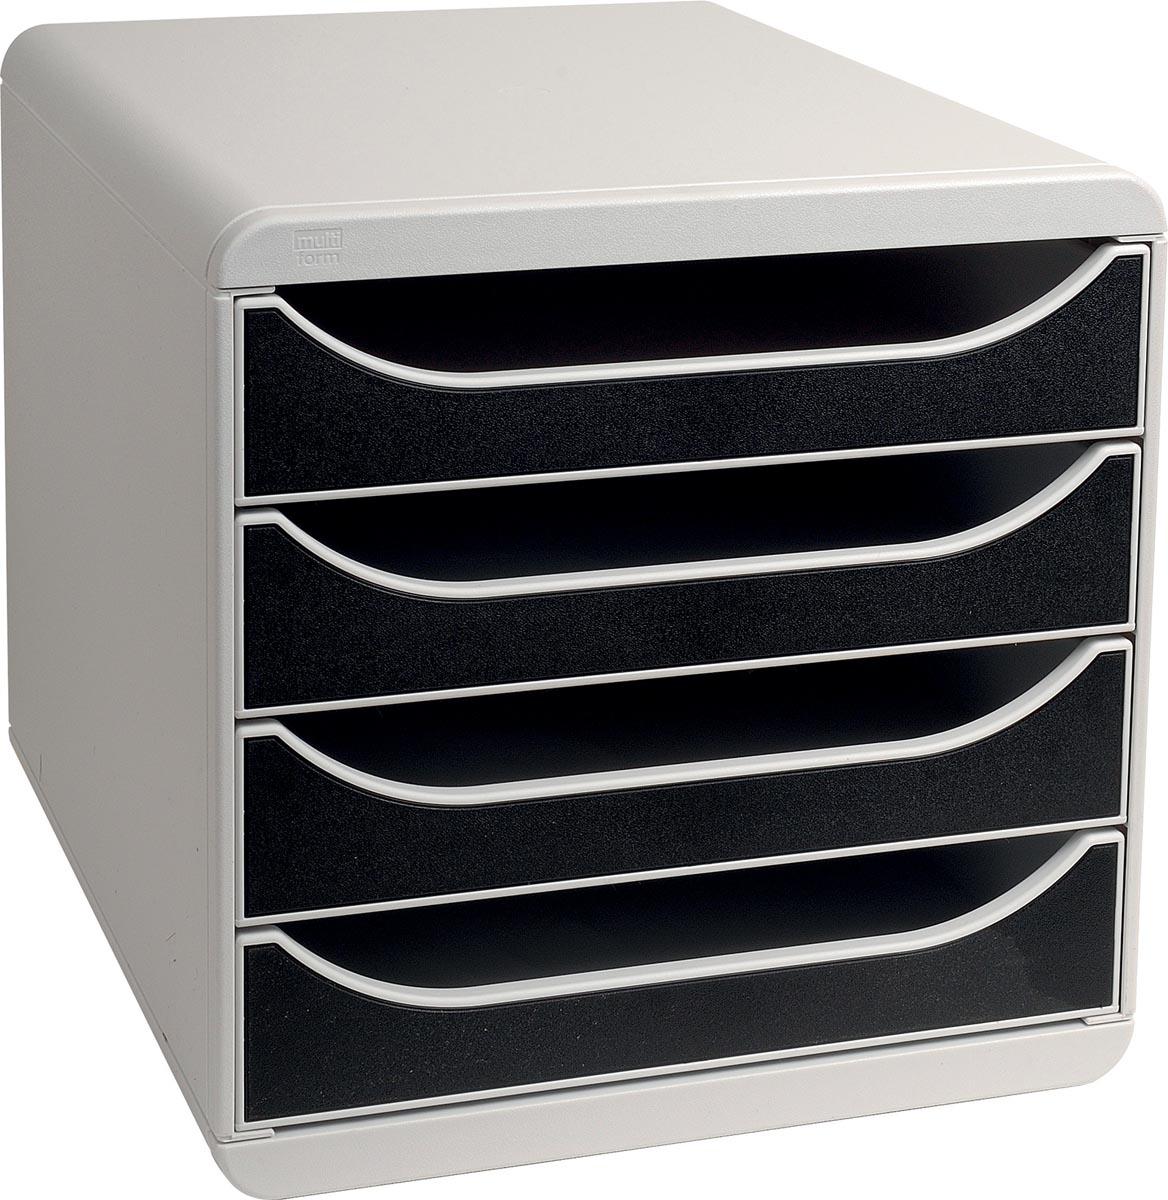 Exacompta ladenblok Big-Box, lichtgrijs/zwart